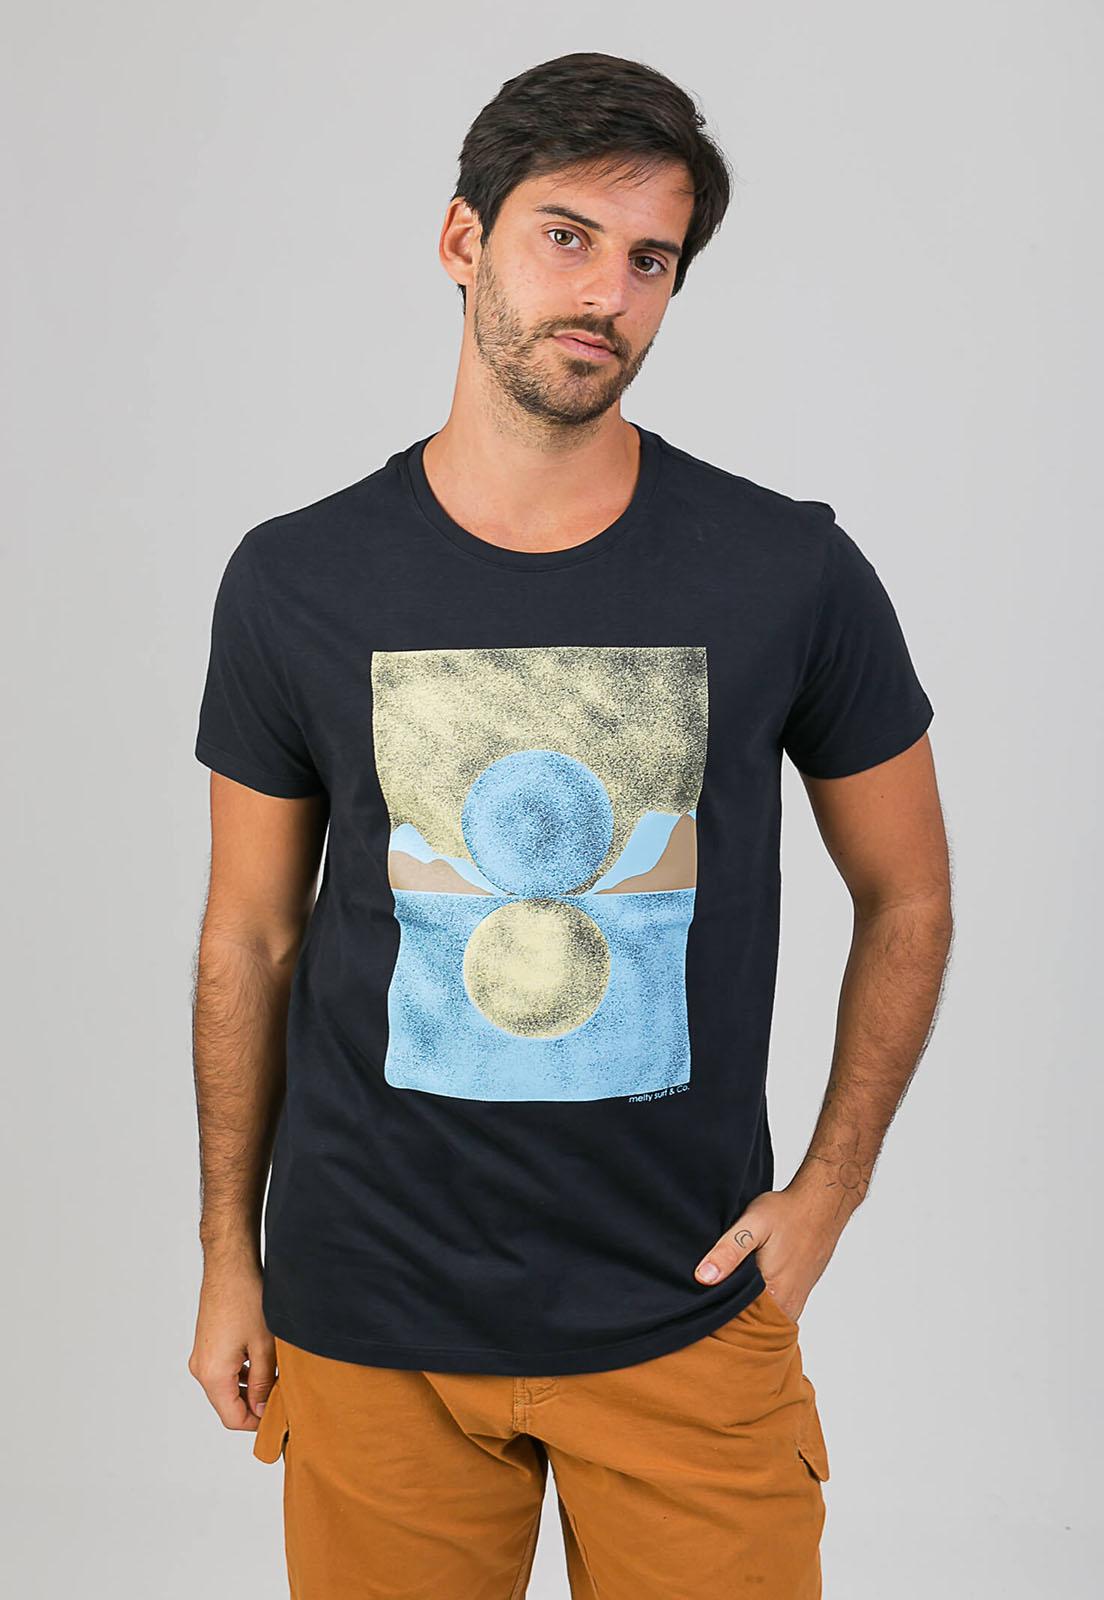 T-Shirt Sunny Moon melty  - melty surf & Co.